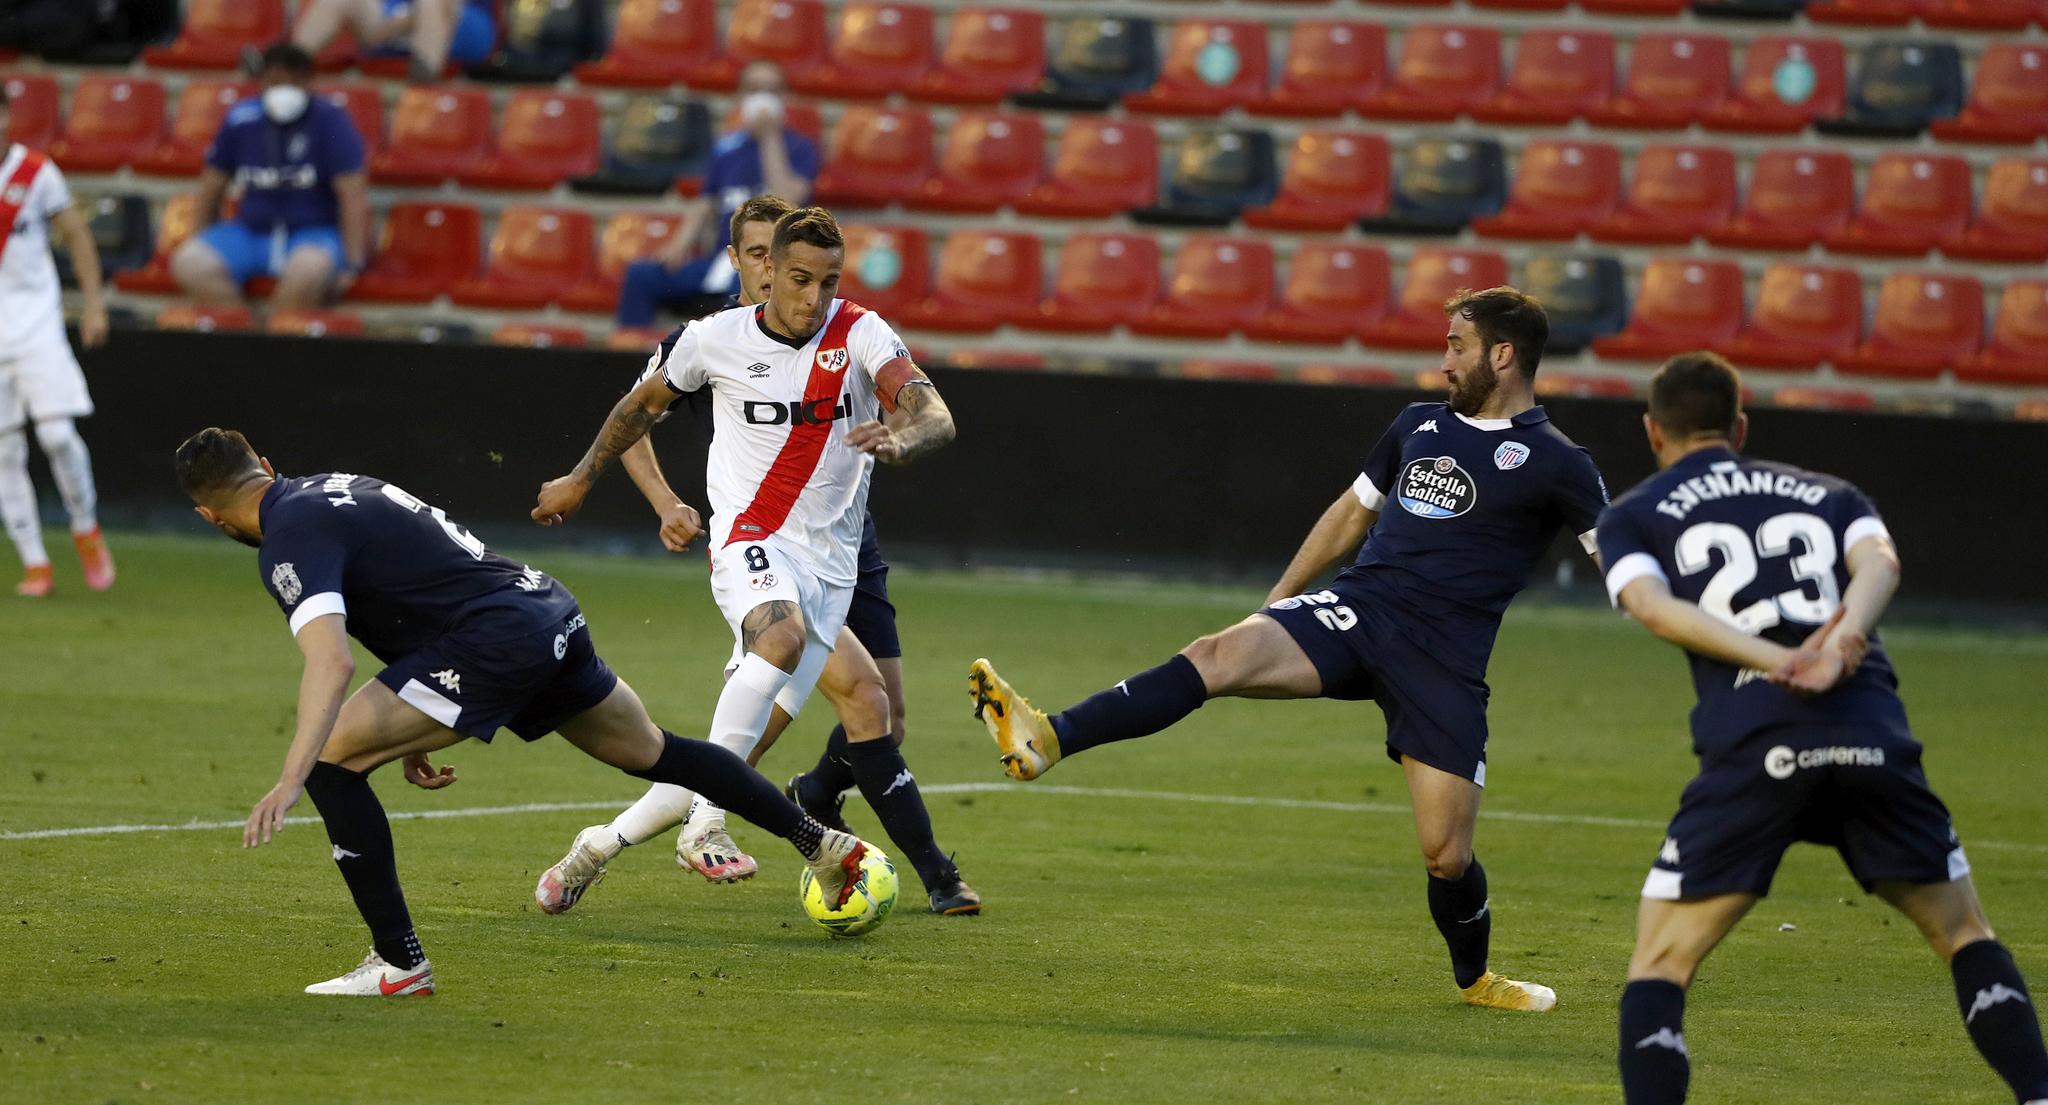 El Rayo entra en el play-off a pesar de la derrota y Logroñés y Sabadell descienden